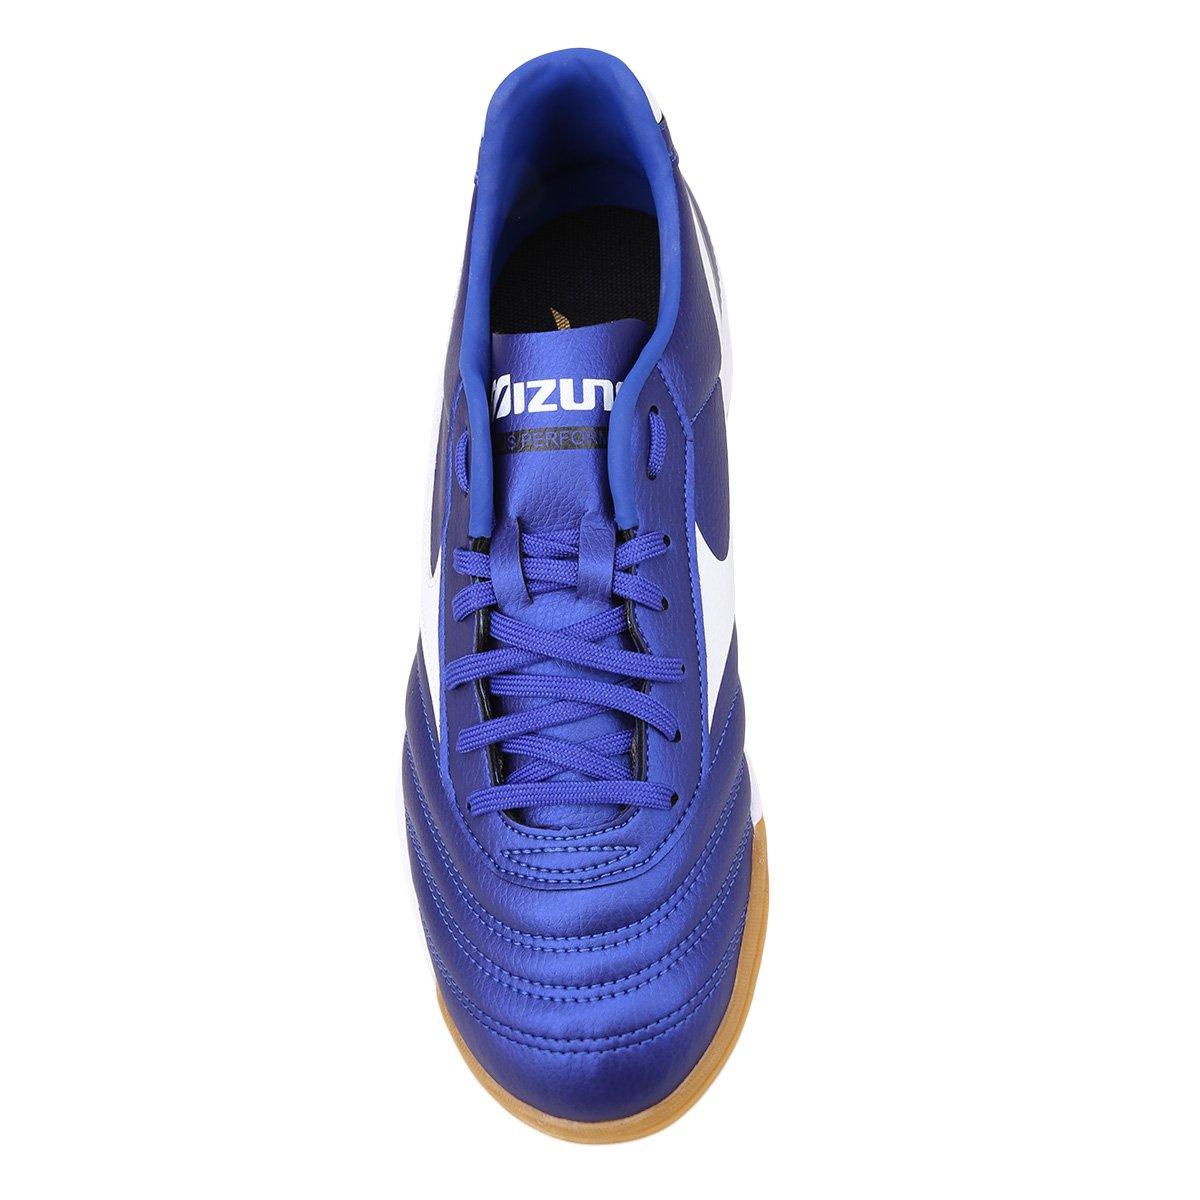 b94cc9802b95a Chuteira Futsal Mizuno Morelia Classic IN P - Tam: 43 - Shopping ...